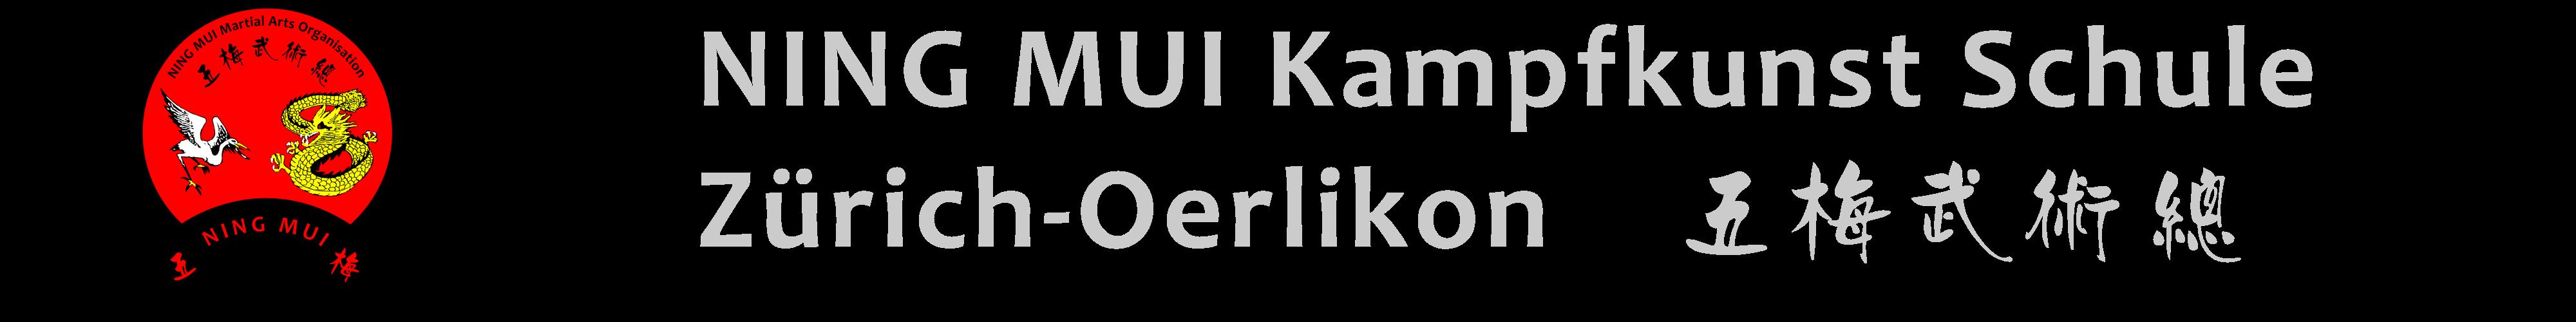 NING MUI Kampfkunst Schule Zürich-Oerlikon